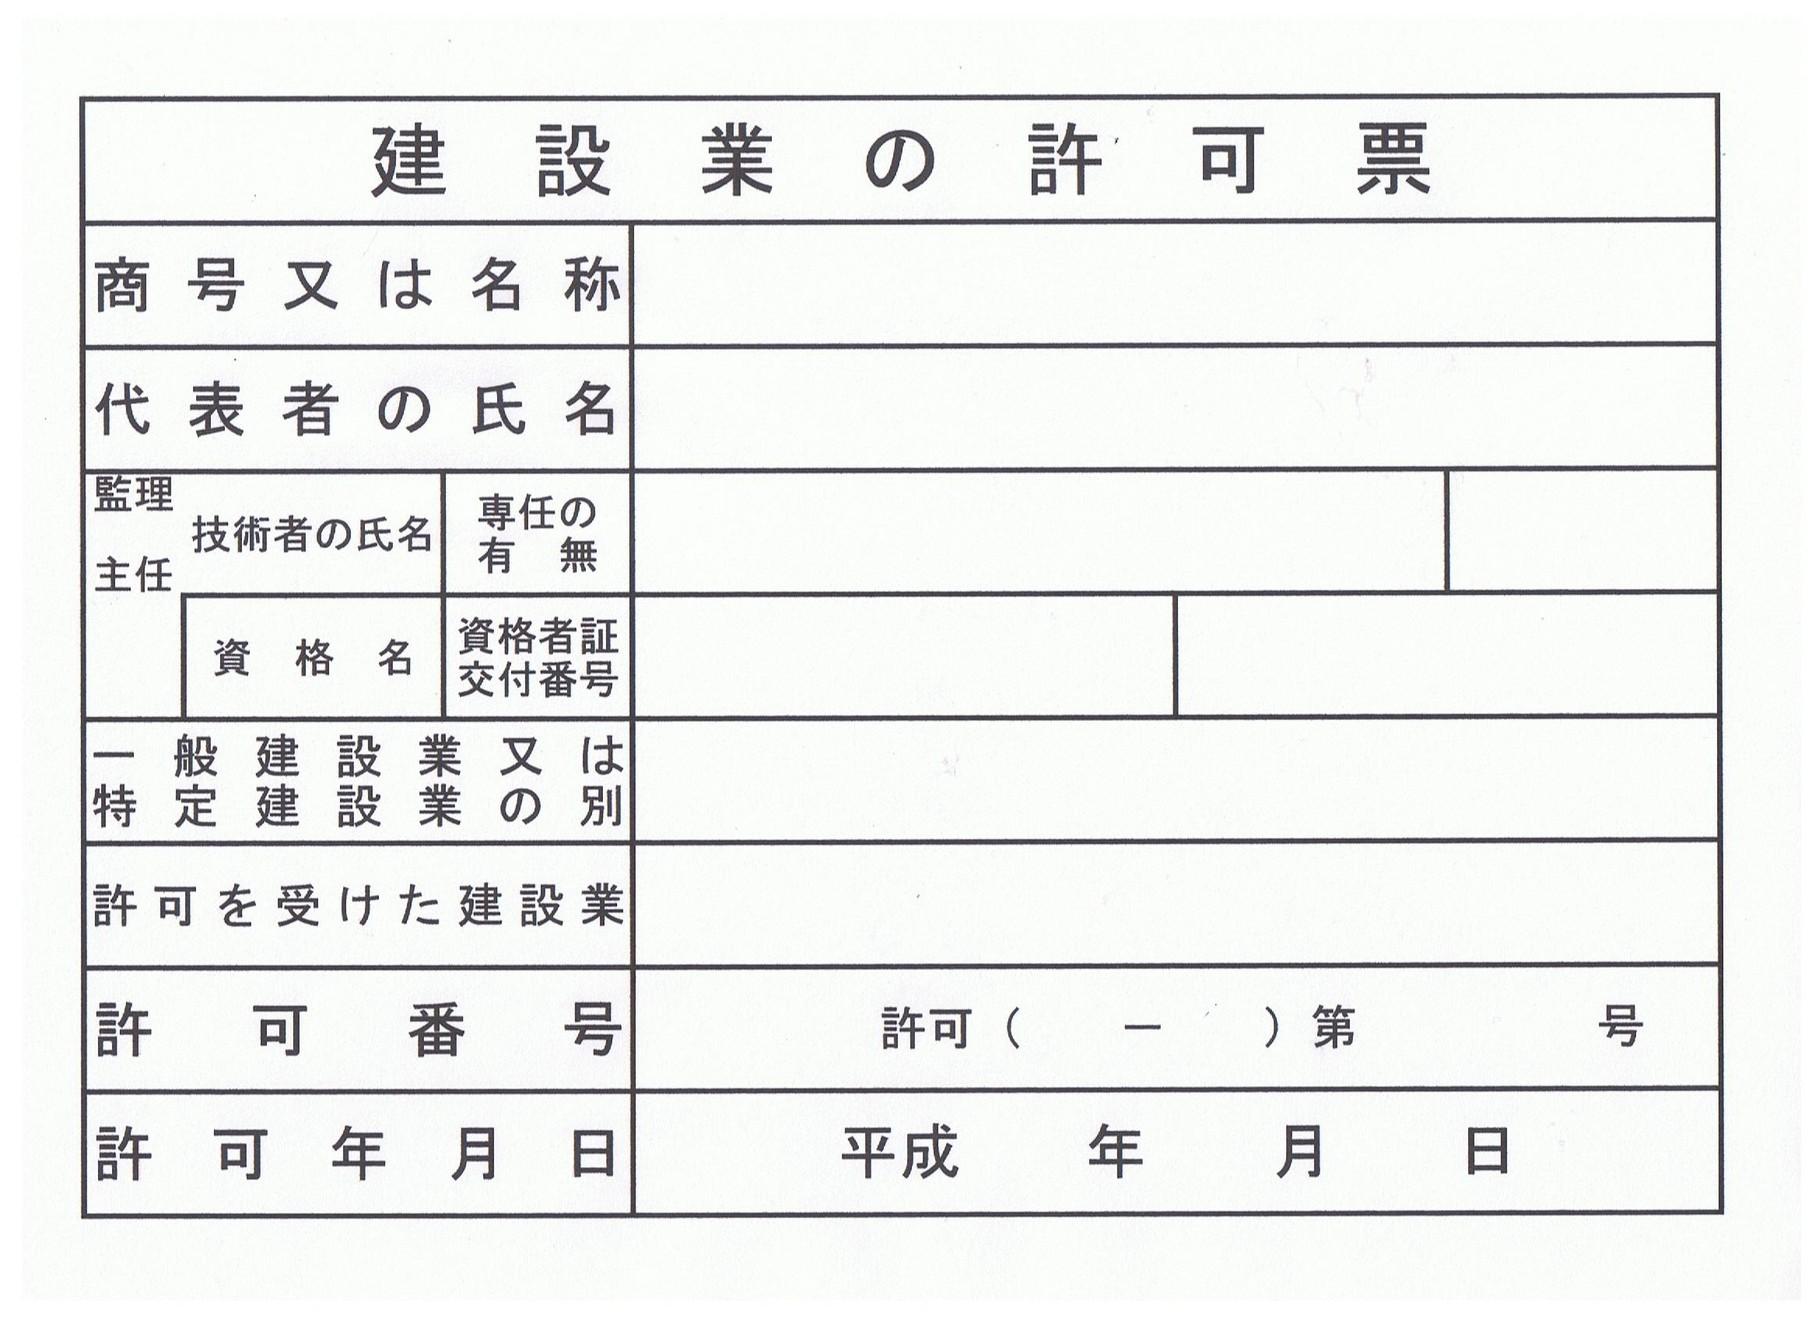 神戸市:道路占用許可申請 様式のダウンロード …